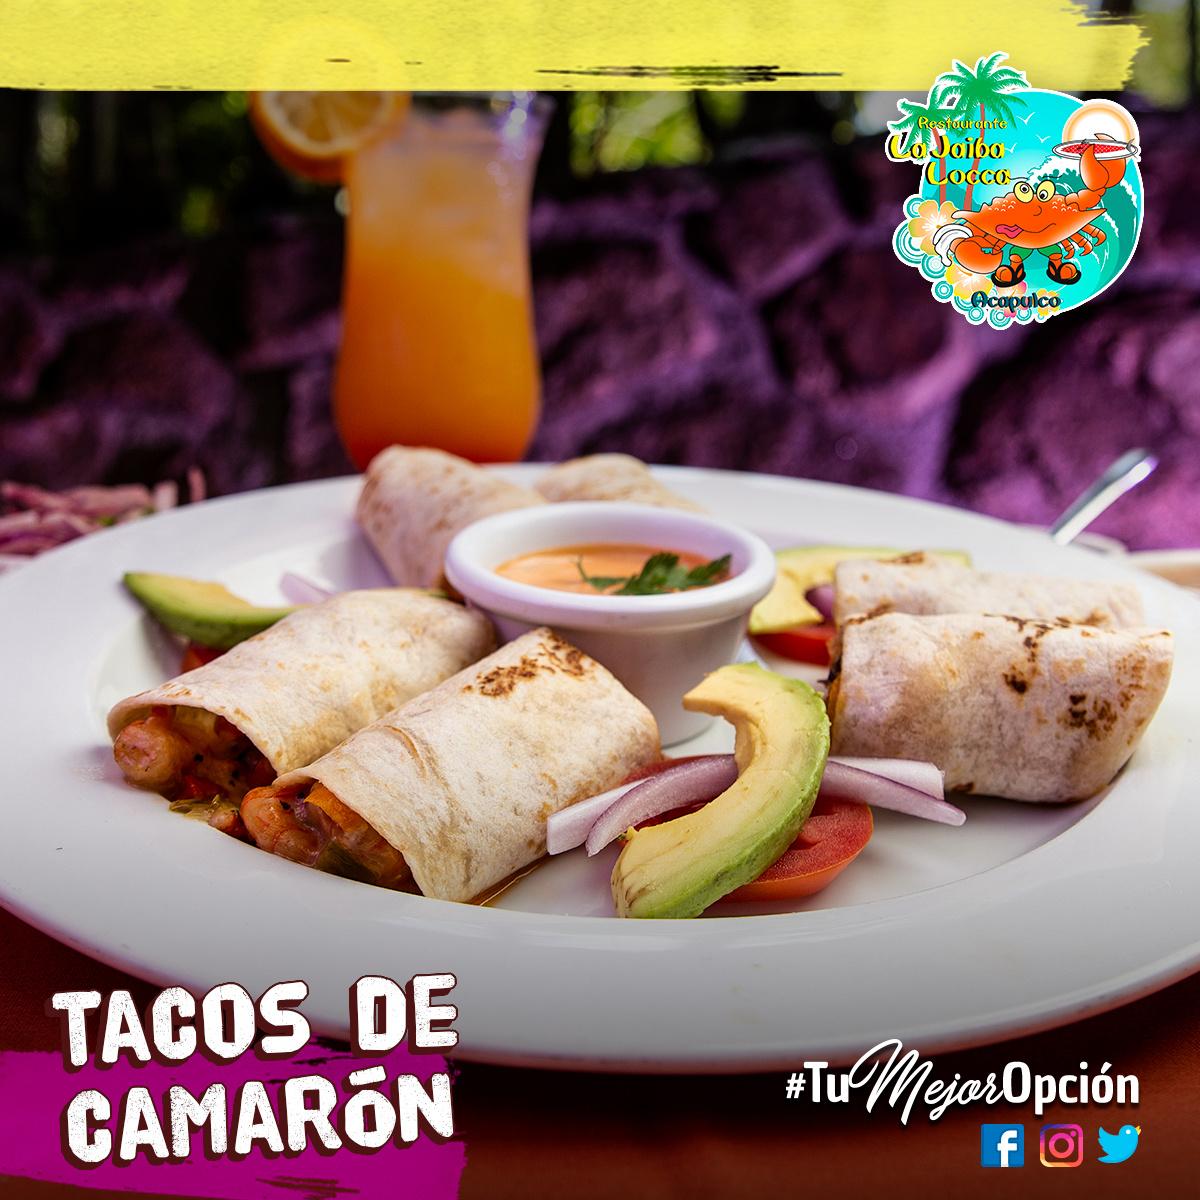 https://0201.nccdn.net/1_2/000/000/15b/dc0/Tacos-de-camar--n-1200x1200.jpg